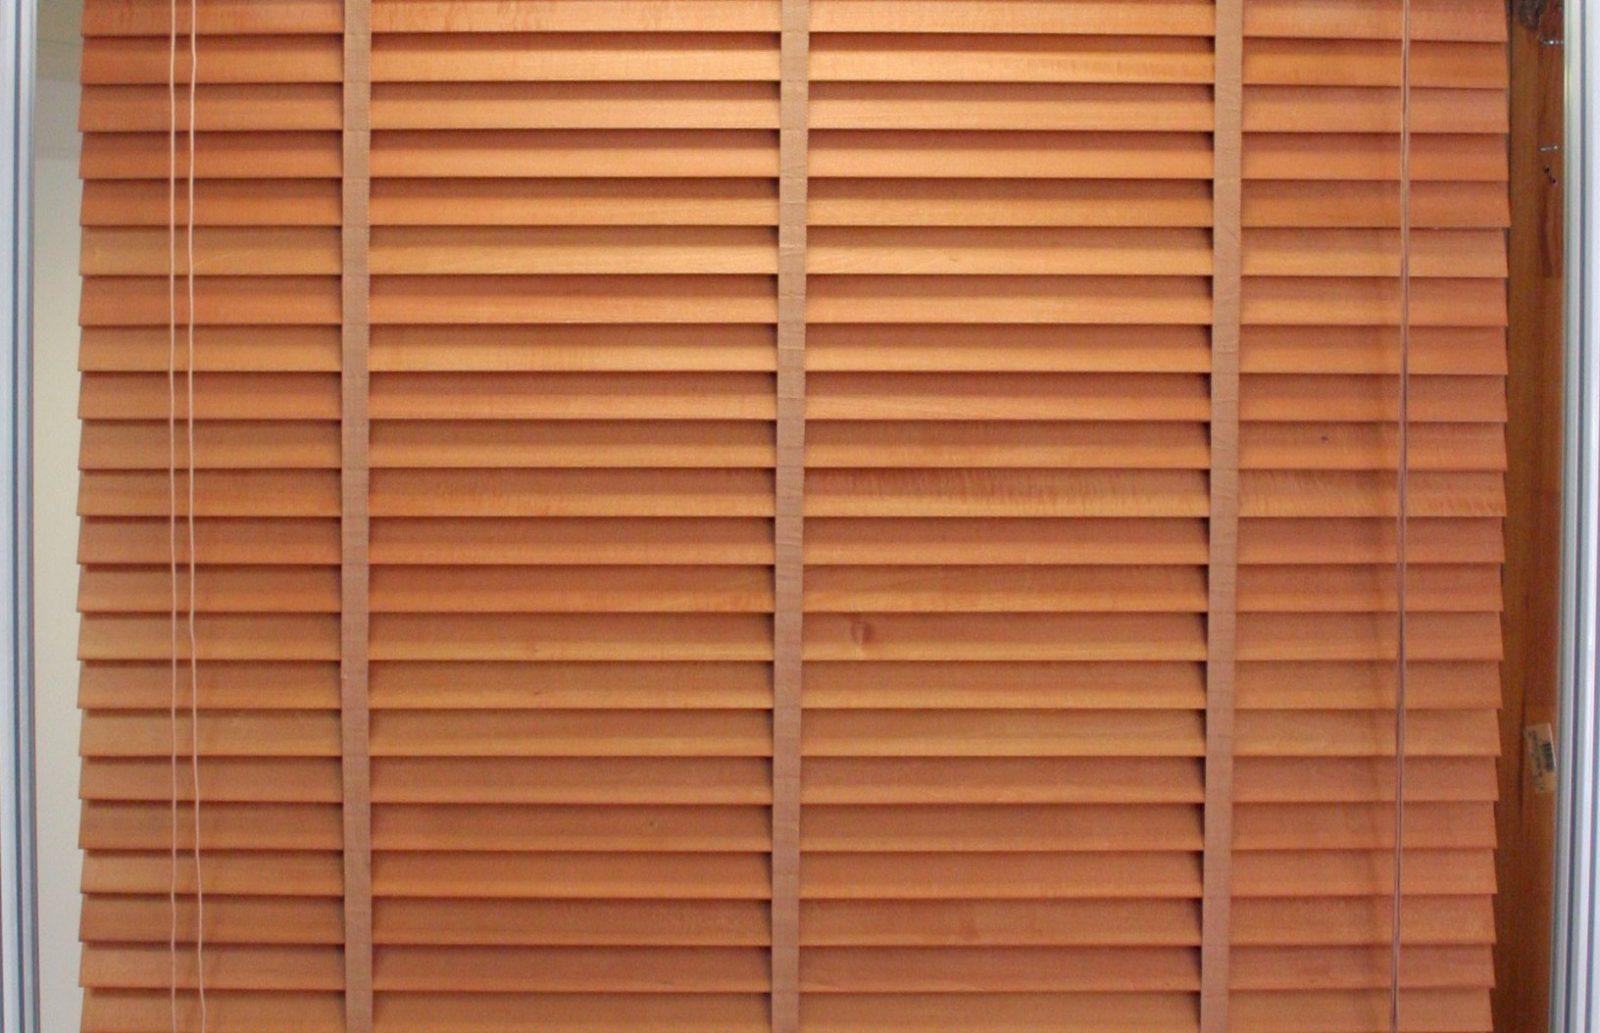 Jalousien Online Ist Luxus Konzept Von Jalousien Holz Dänisches von Jalousien Holz Dänisches Bettenlager Photo